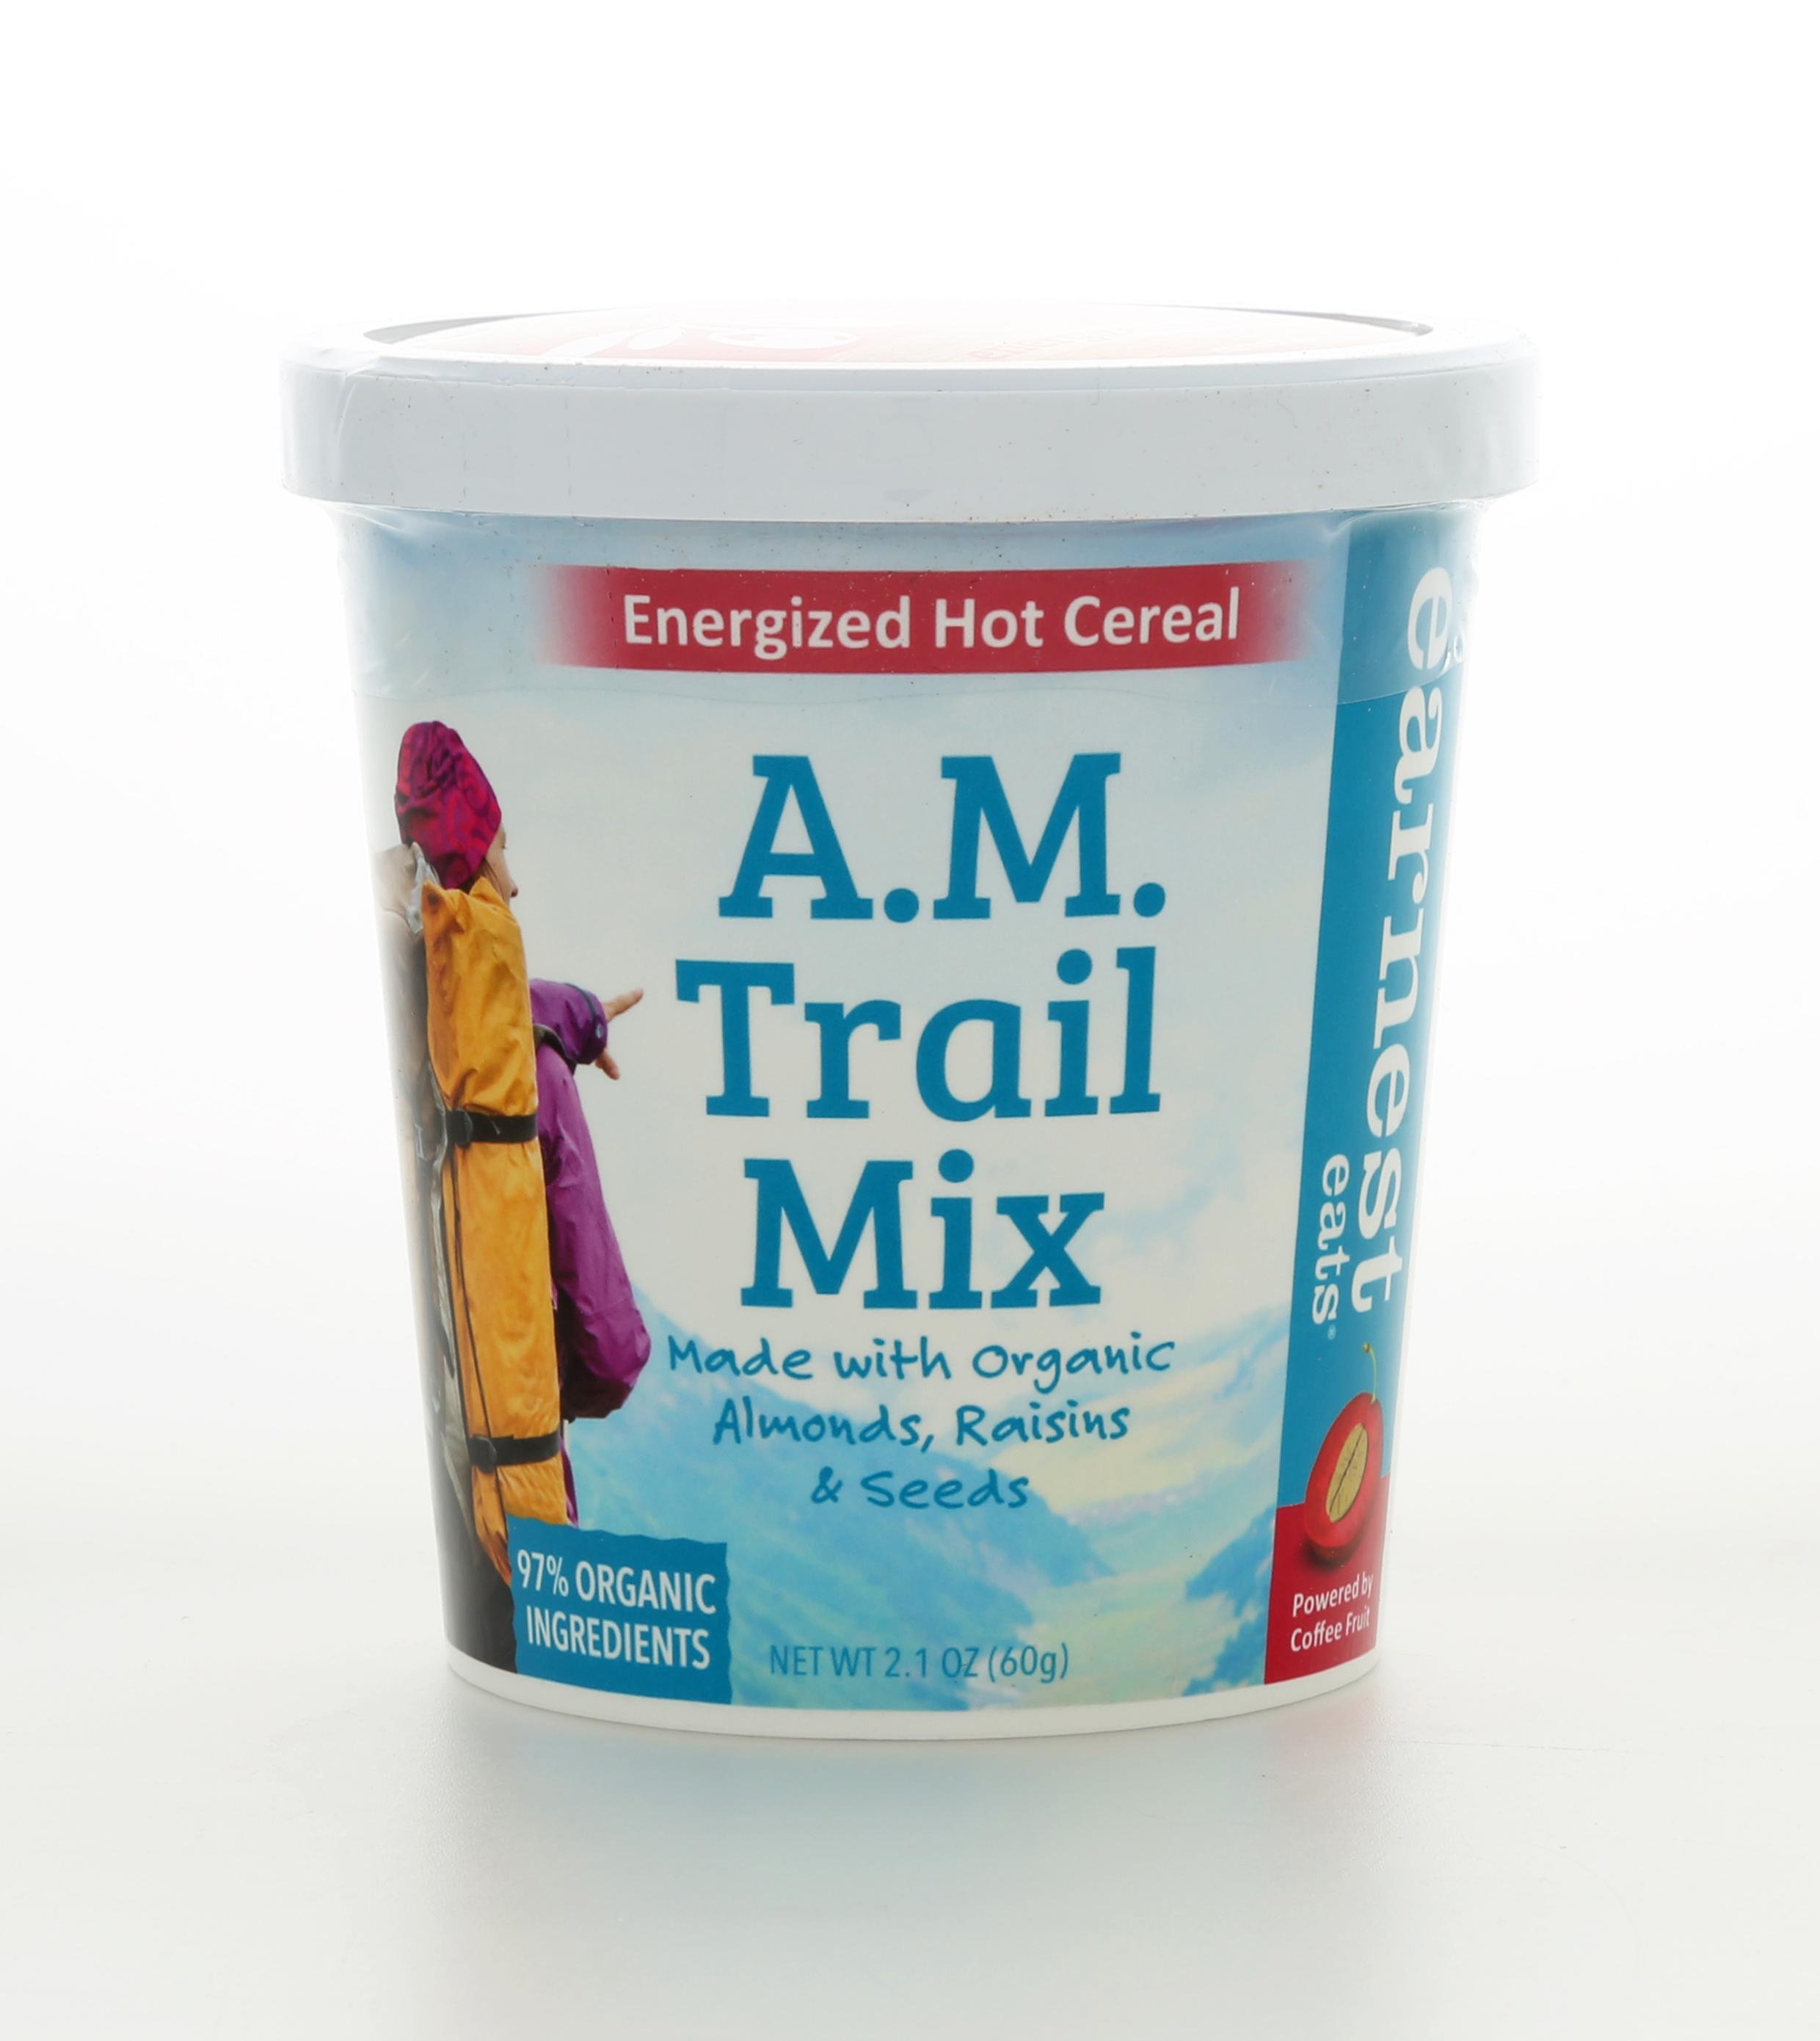 A.M. Trail Mix